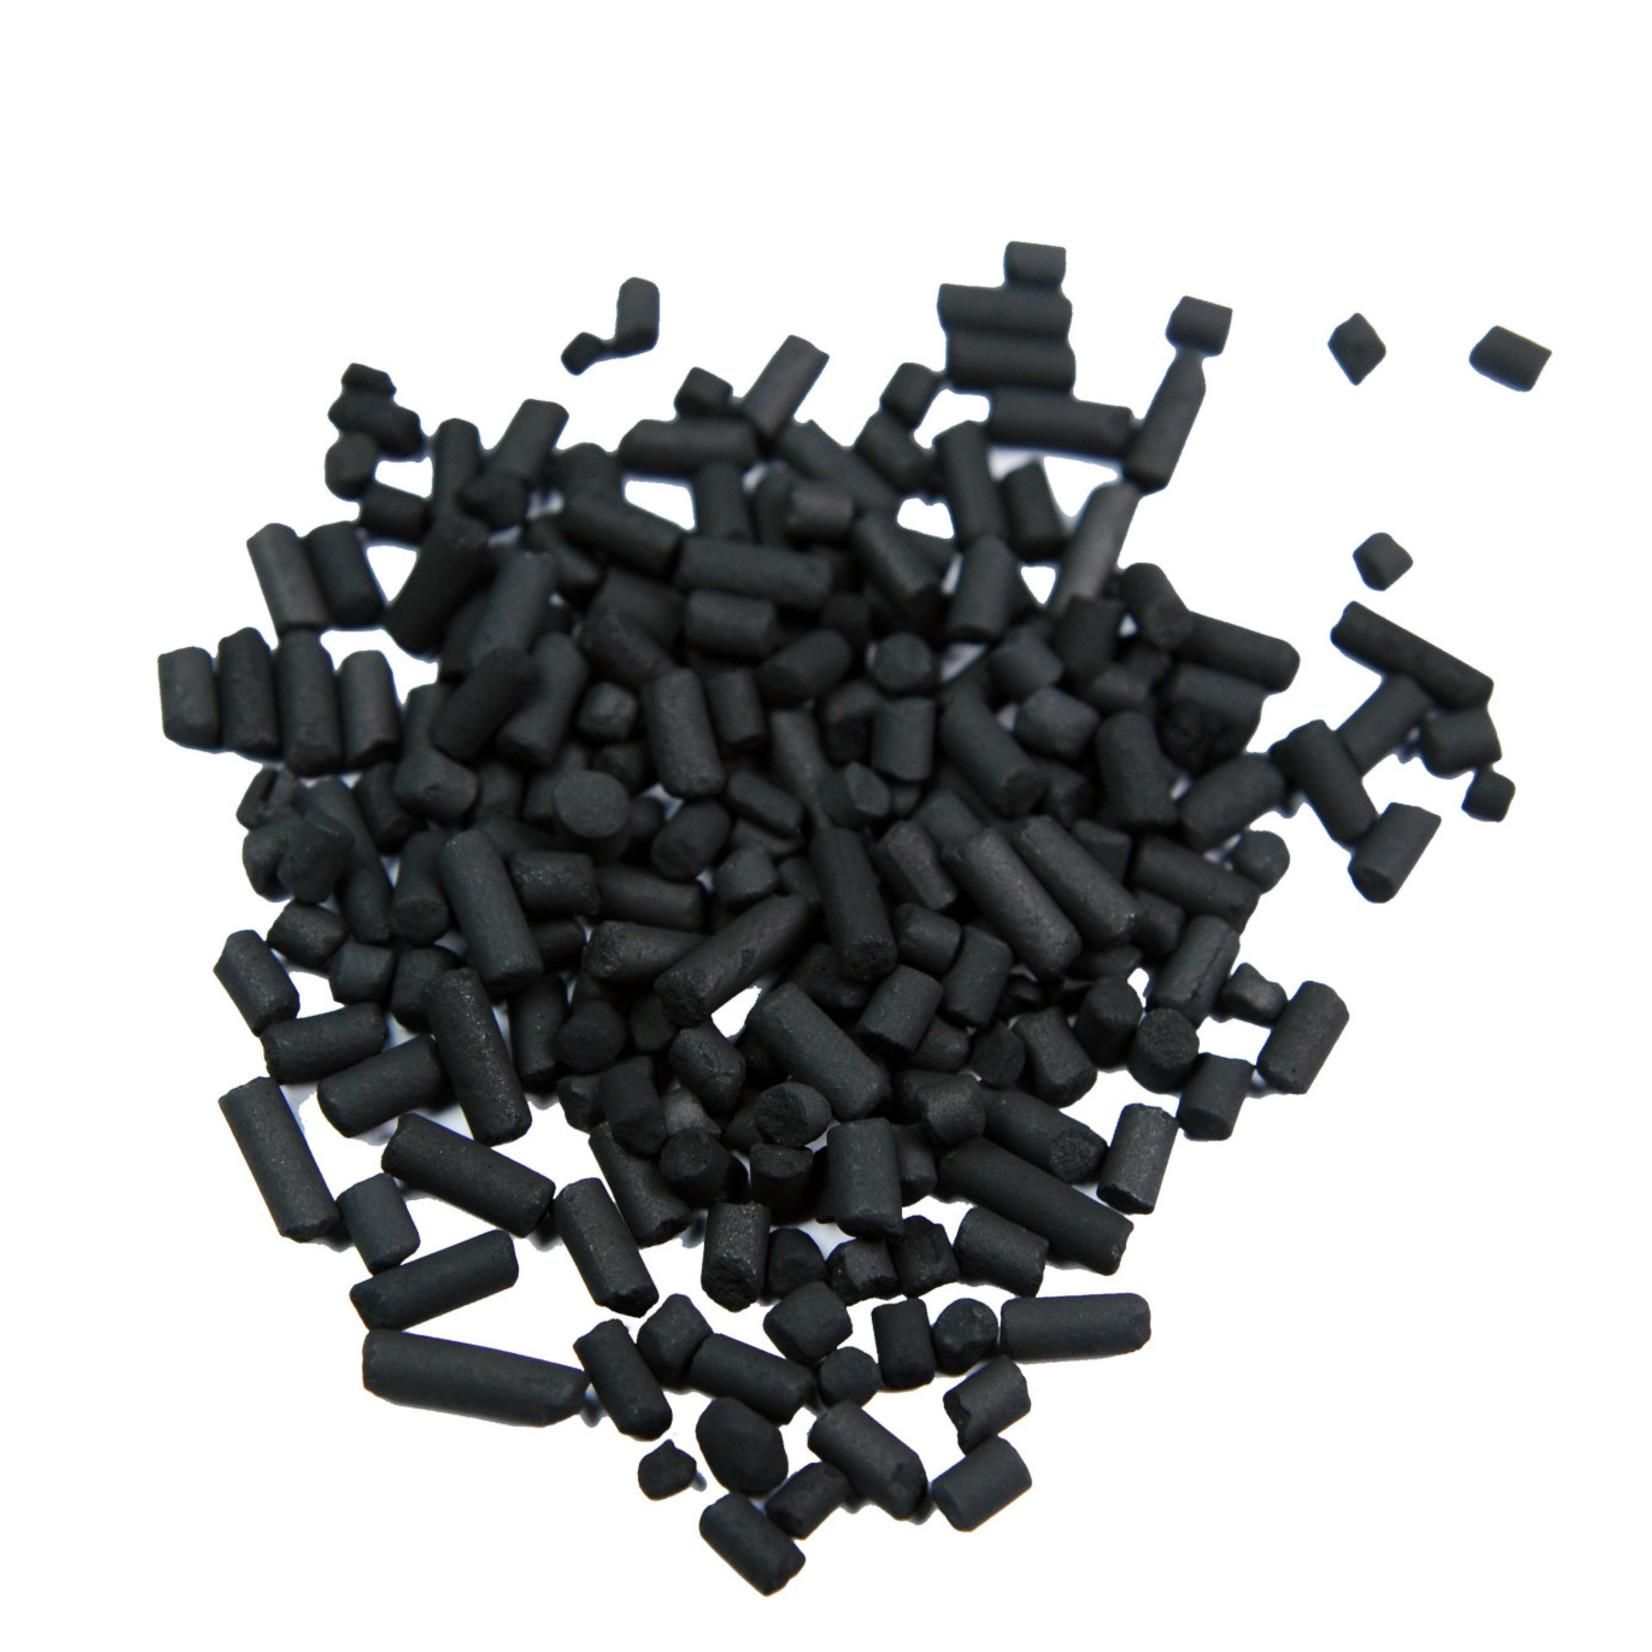 Aquarium Munster Coal - Aquavital Carbon